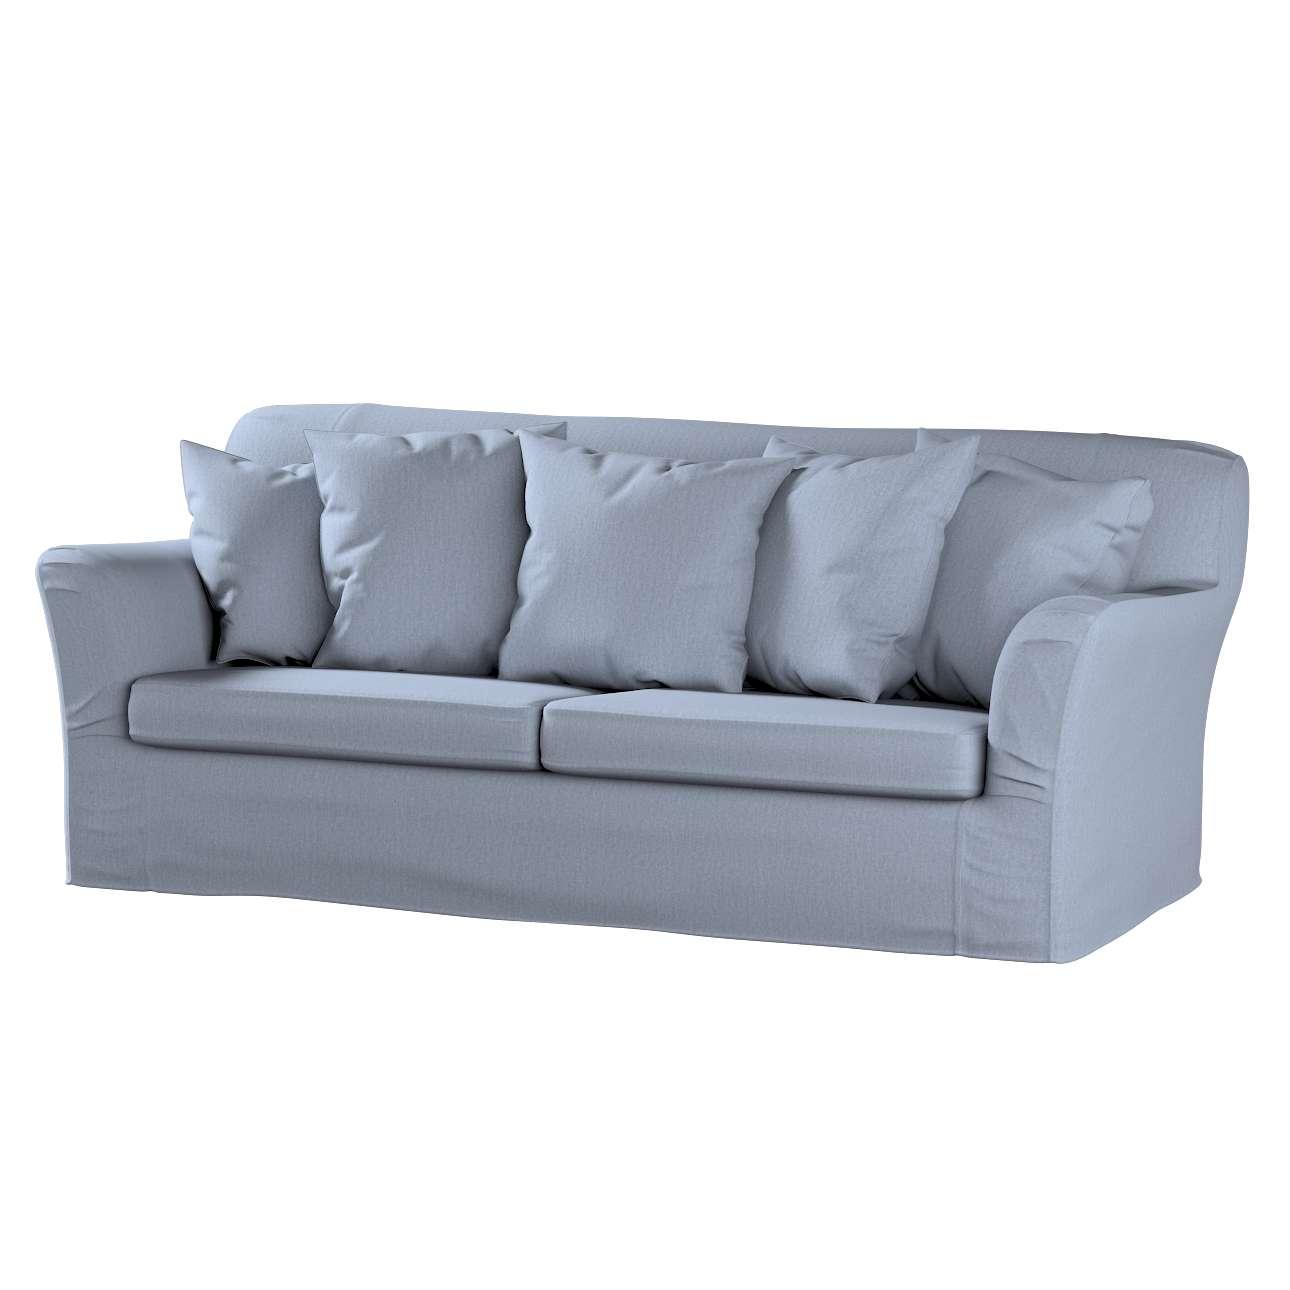 TOMELILLA trivietės sofos lovos užvalkalas TOMELILLA trivietė sofa lova kolekcijoje Chenille, audinys: 702-13